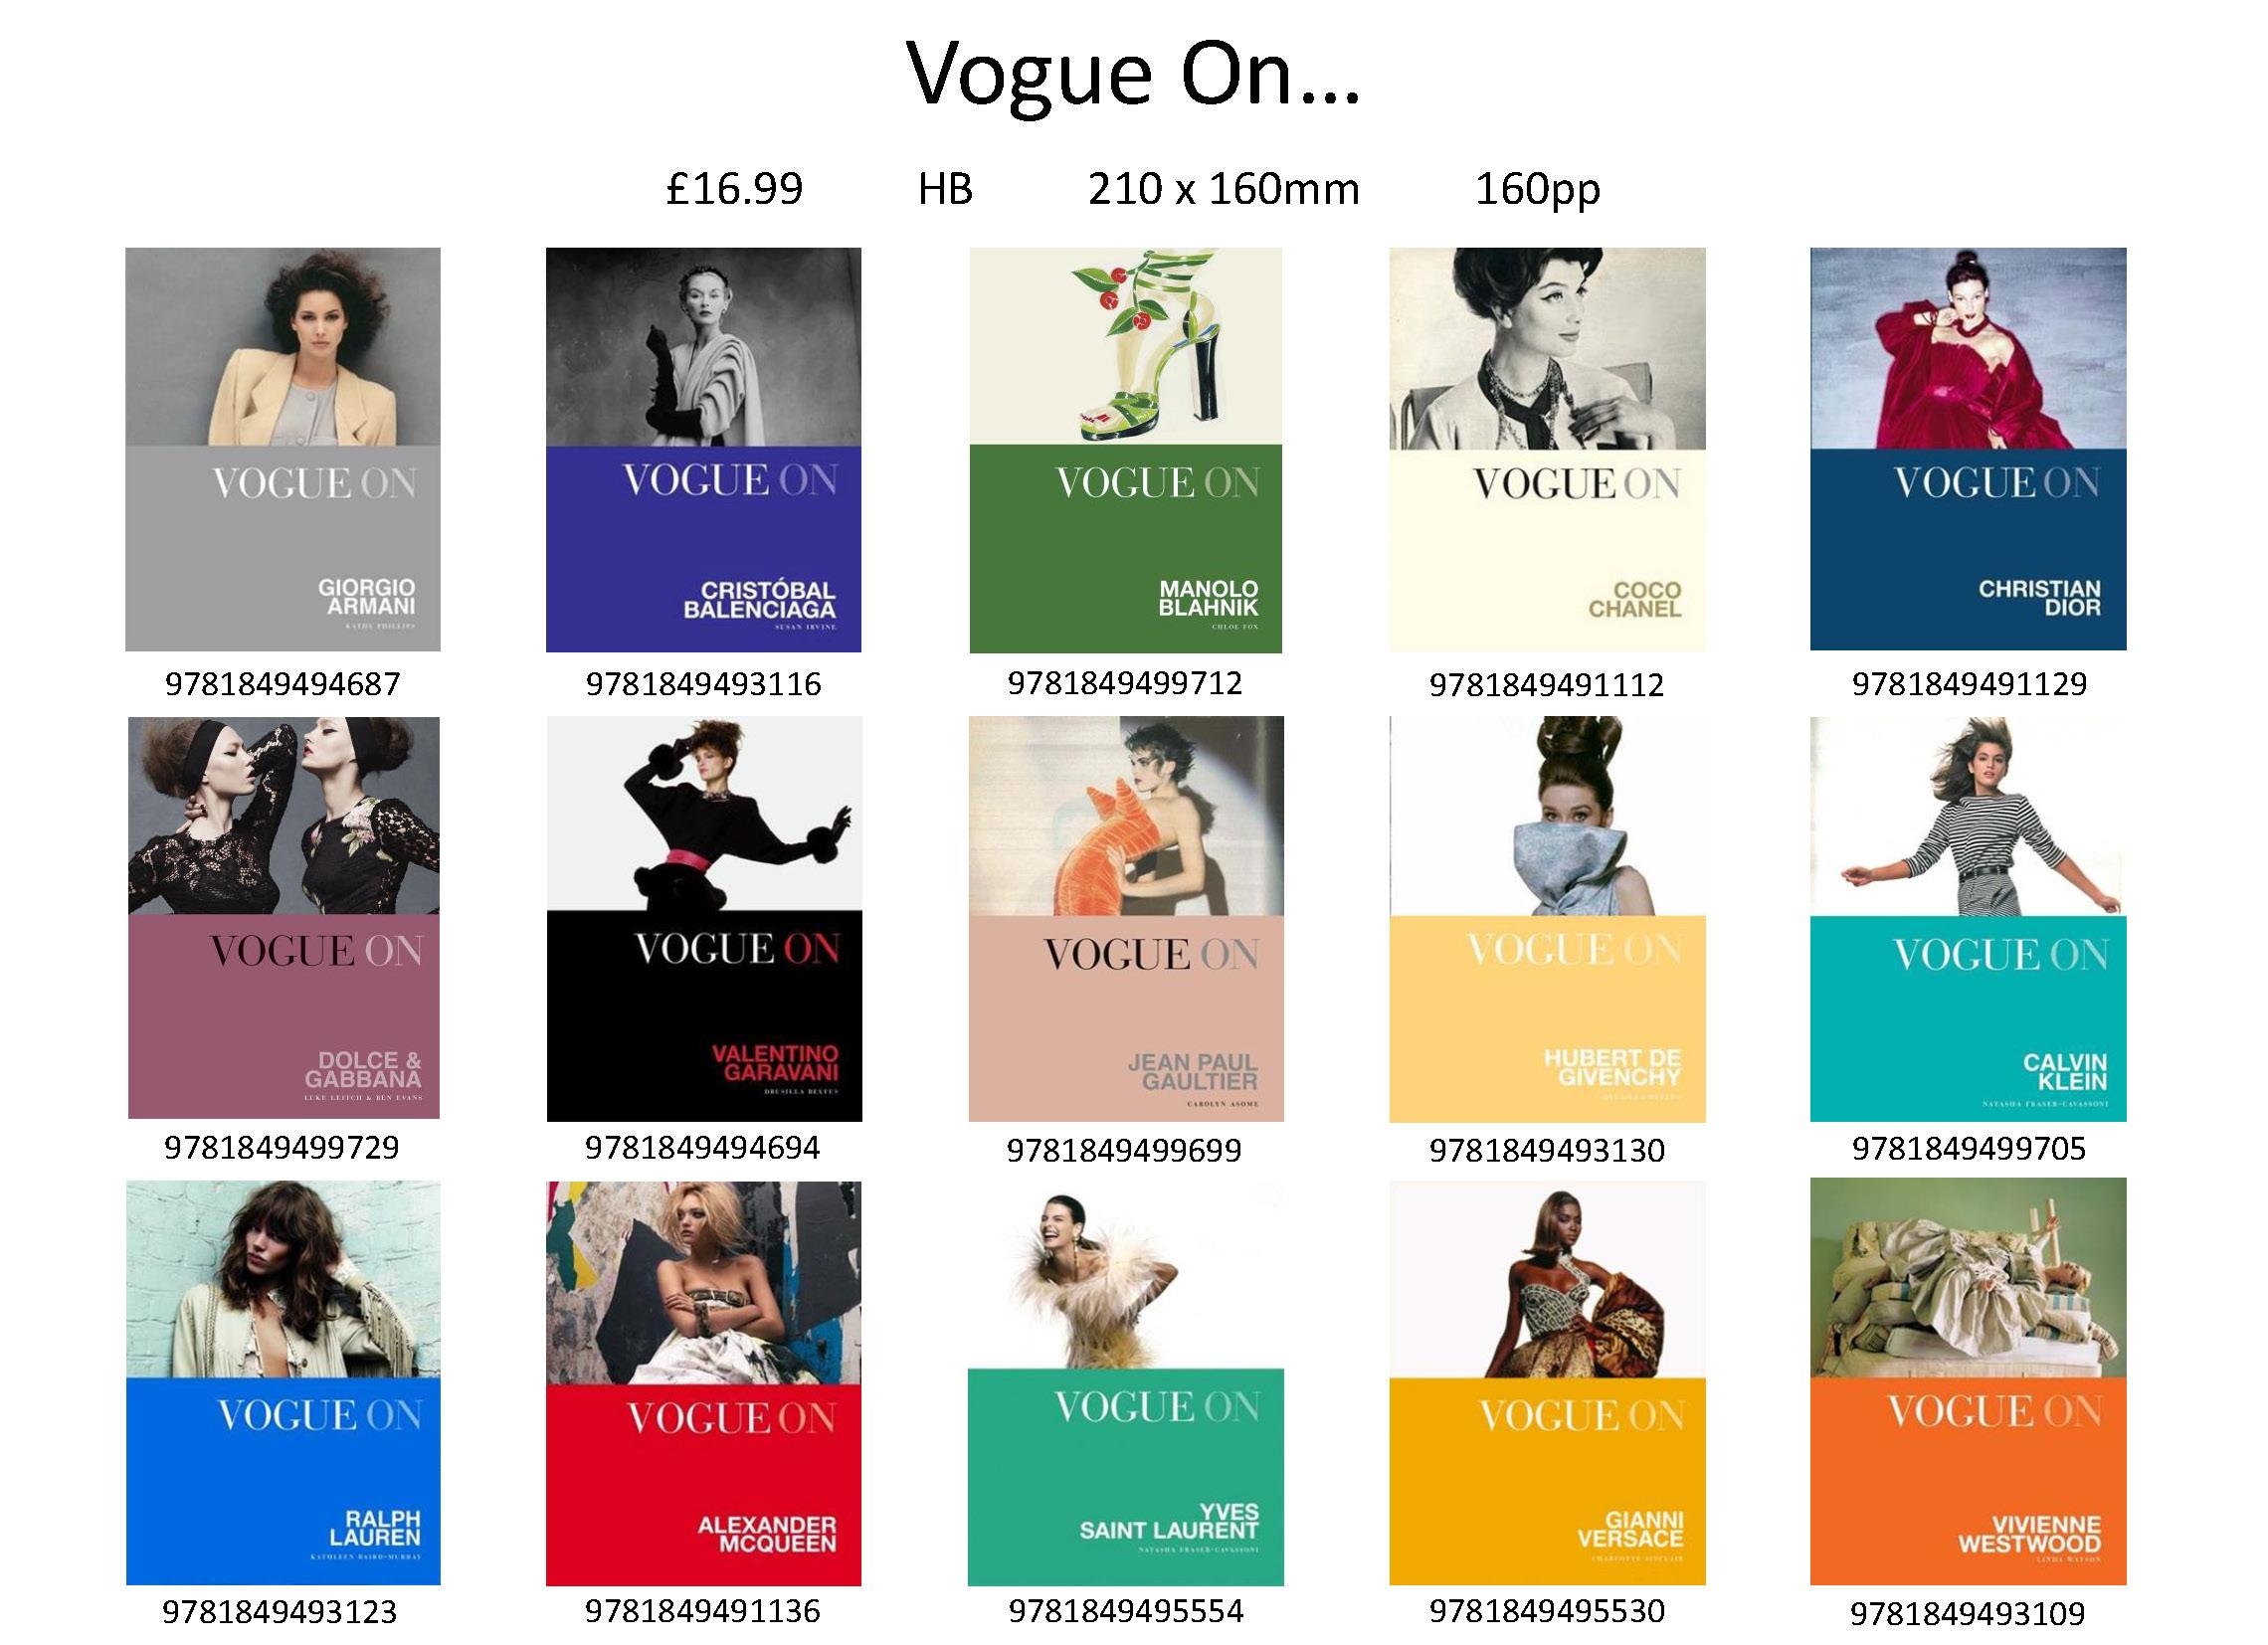 Vogue On...